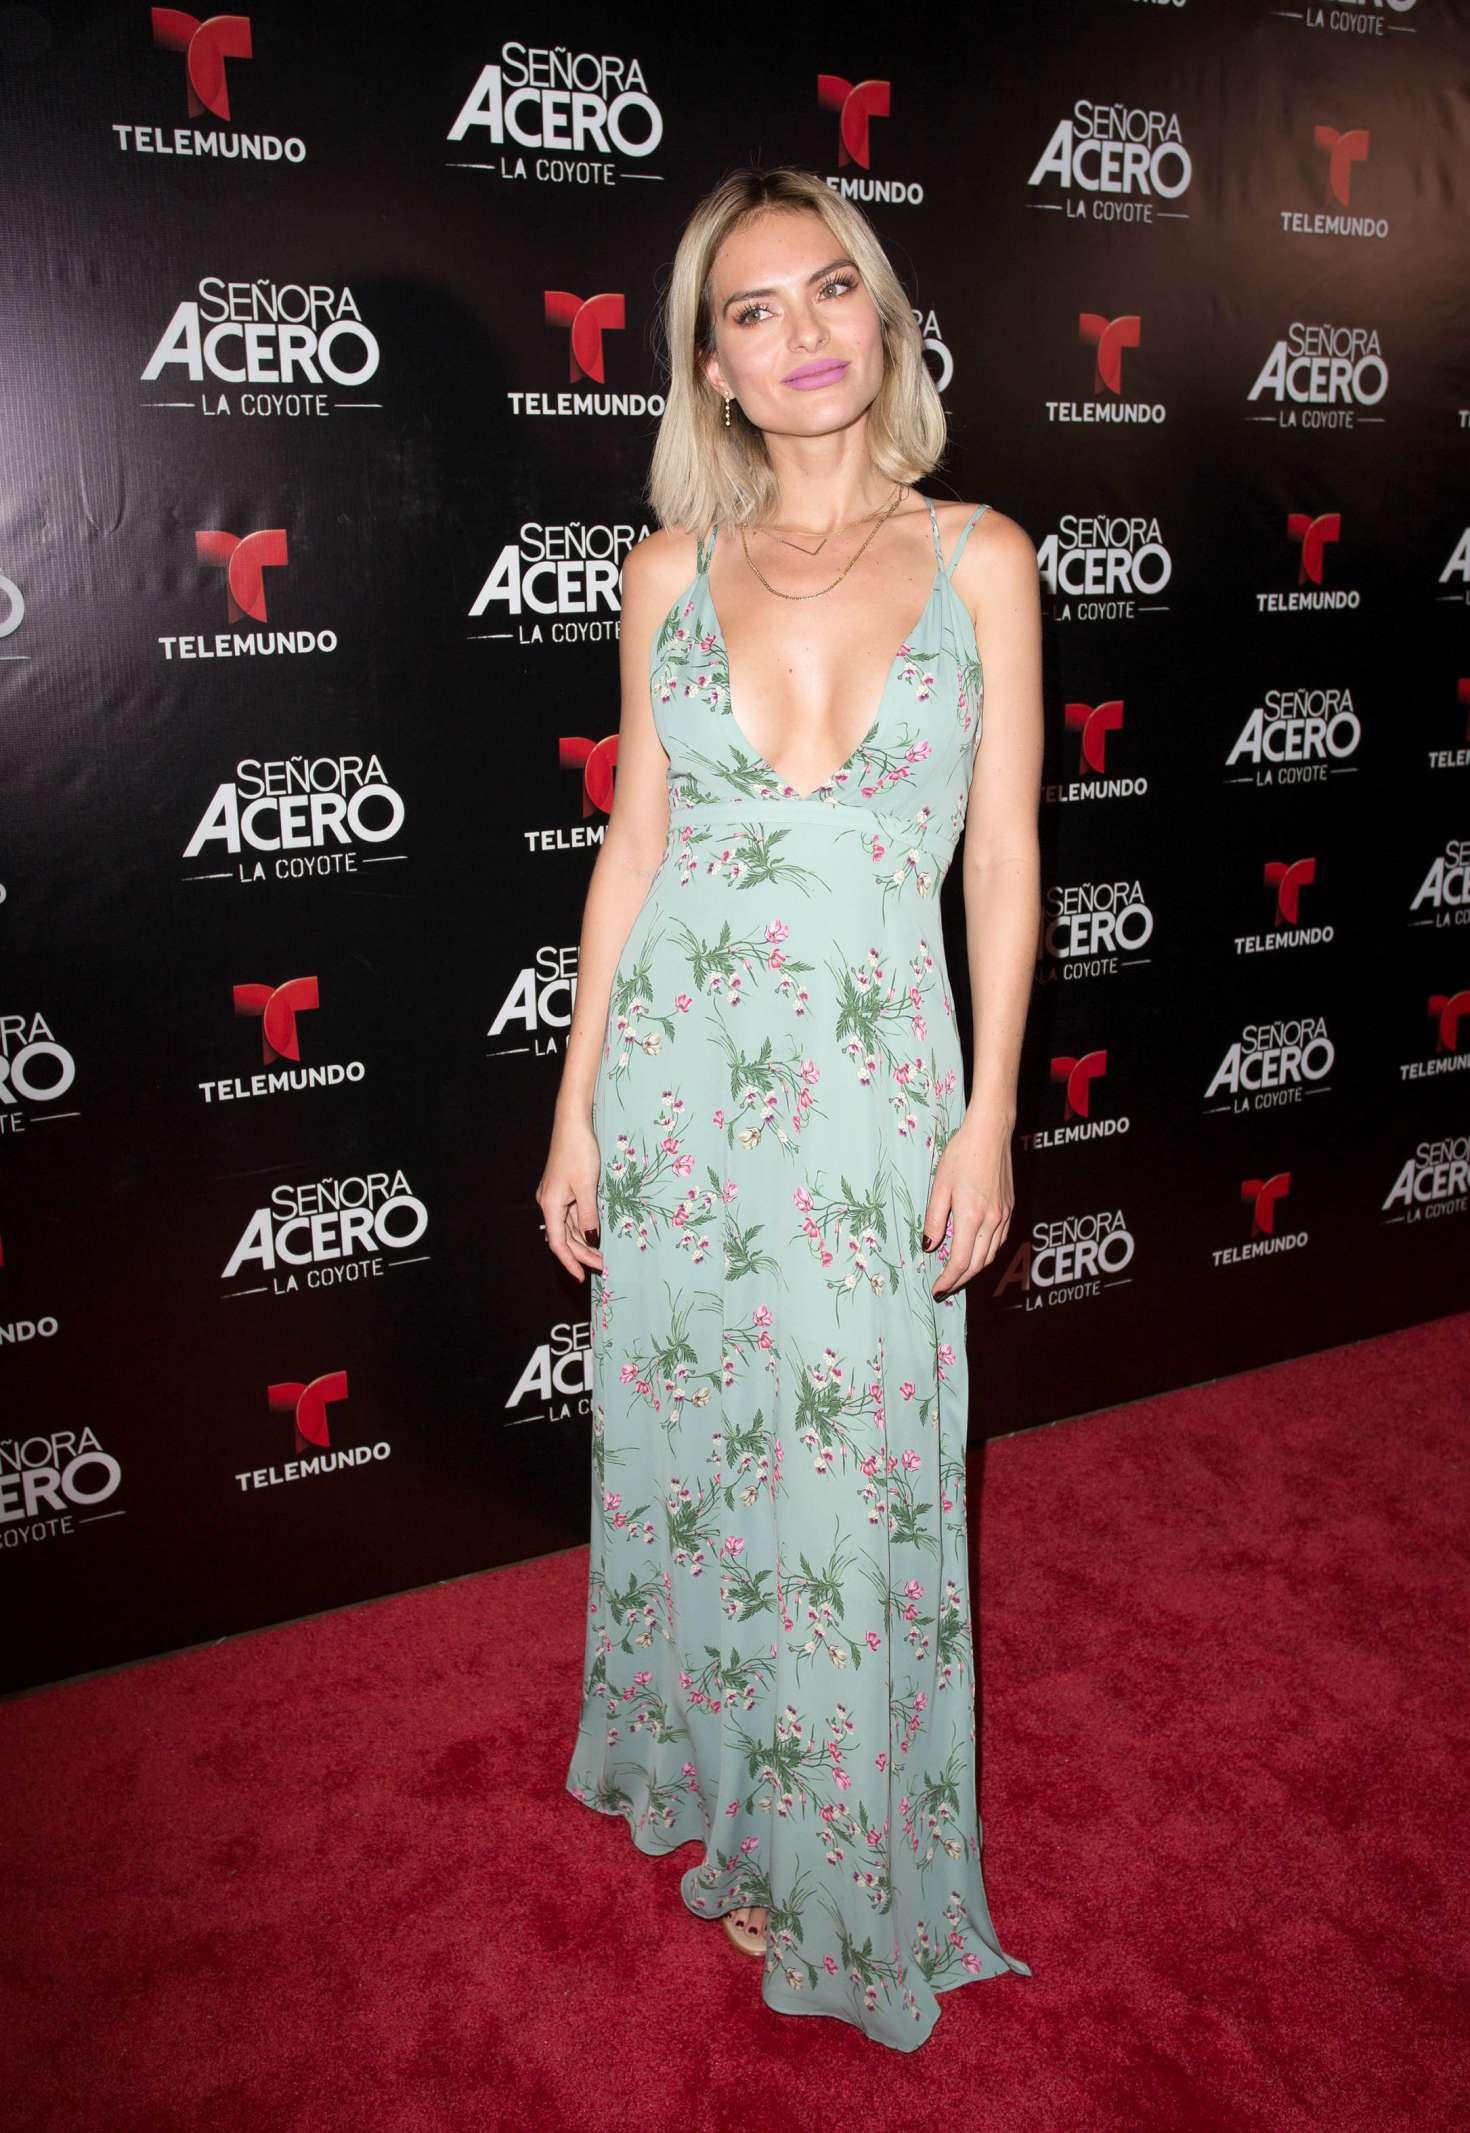 Lucia Silva 2017 : Lucia Silva: Senora Acero La Coyote Premiere -09